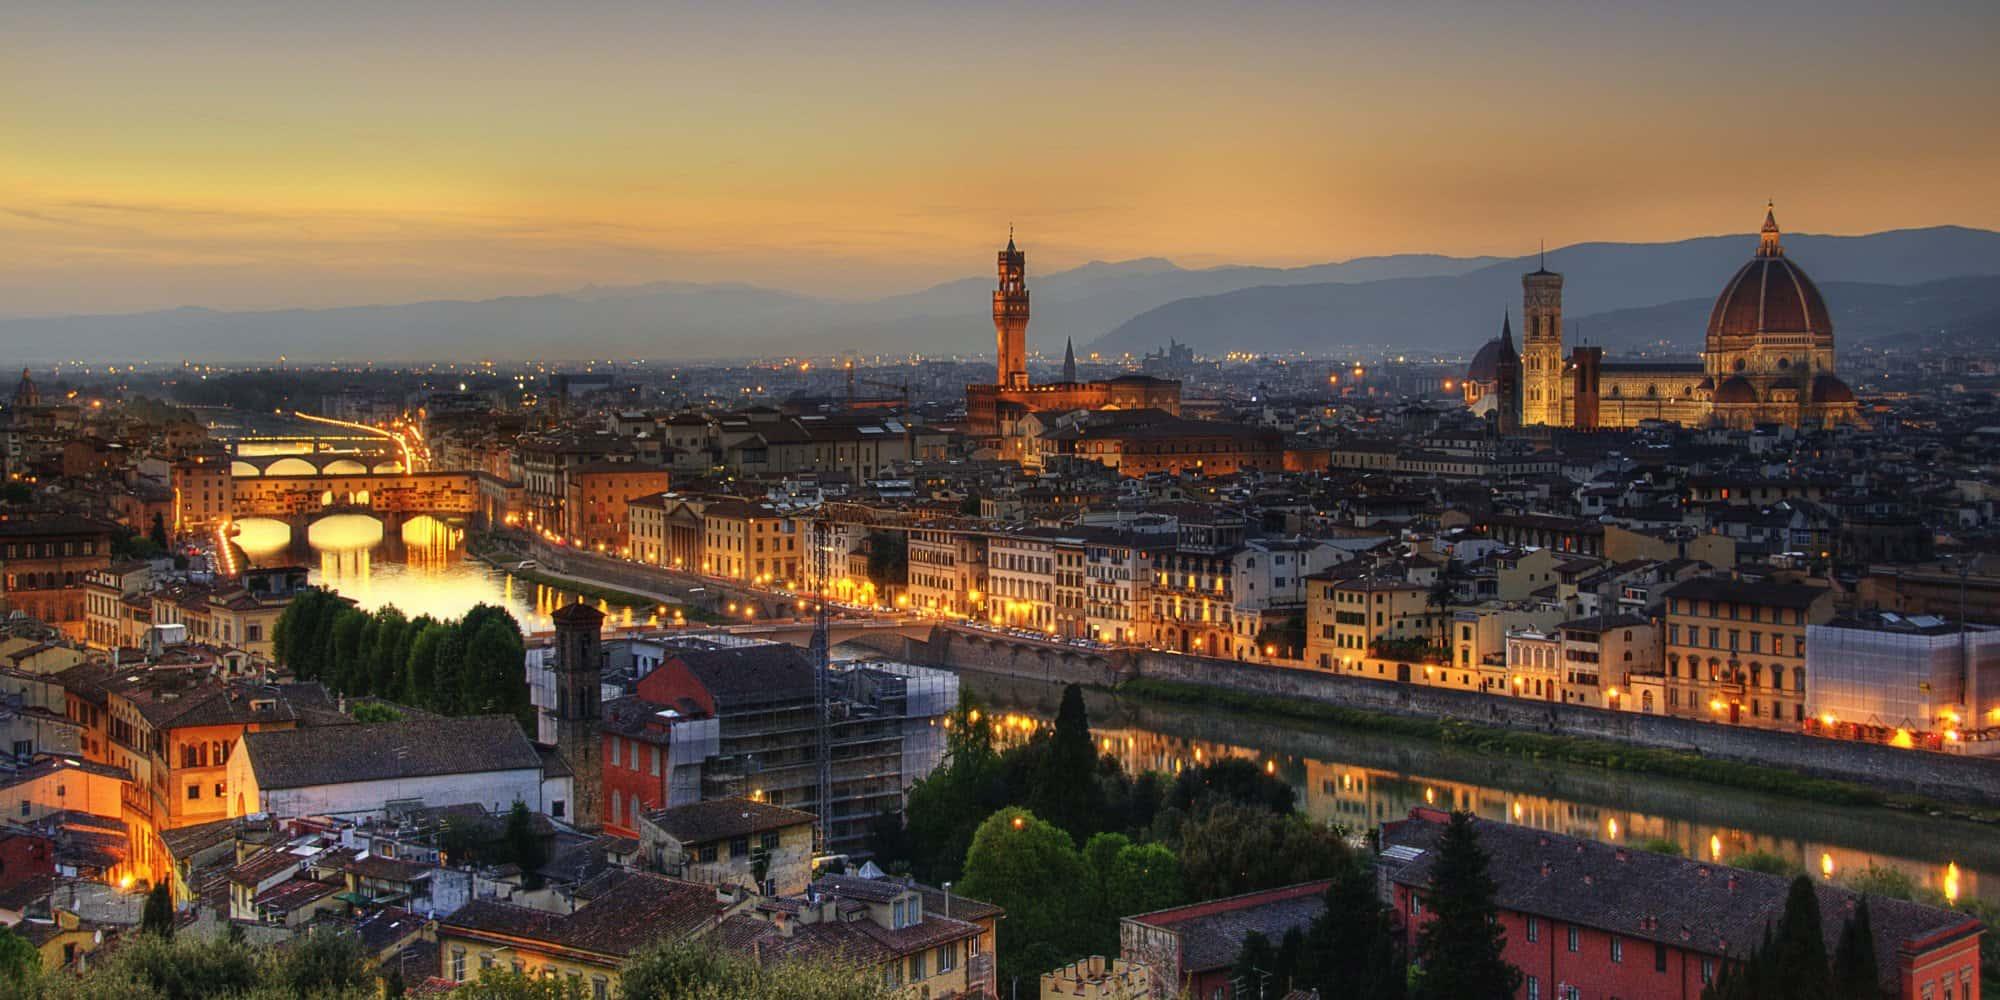 افضل 4 من فنادق فلورنسا ايطاليا ننصح بها 2020